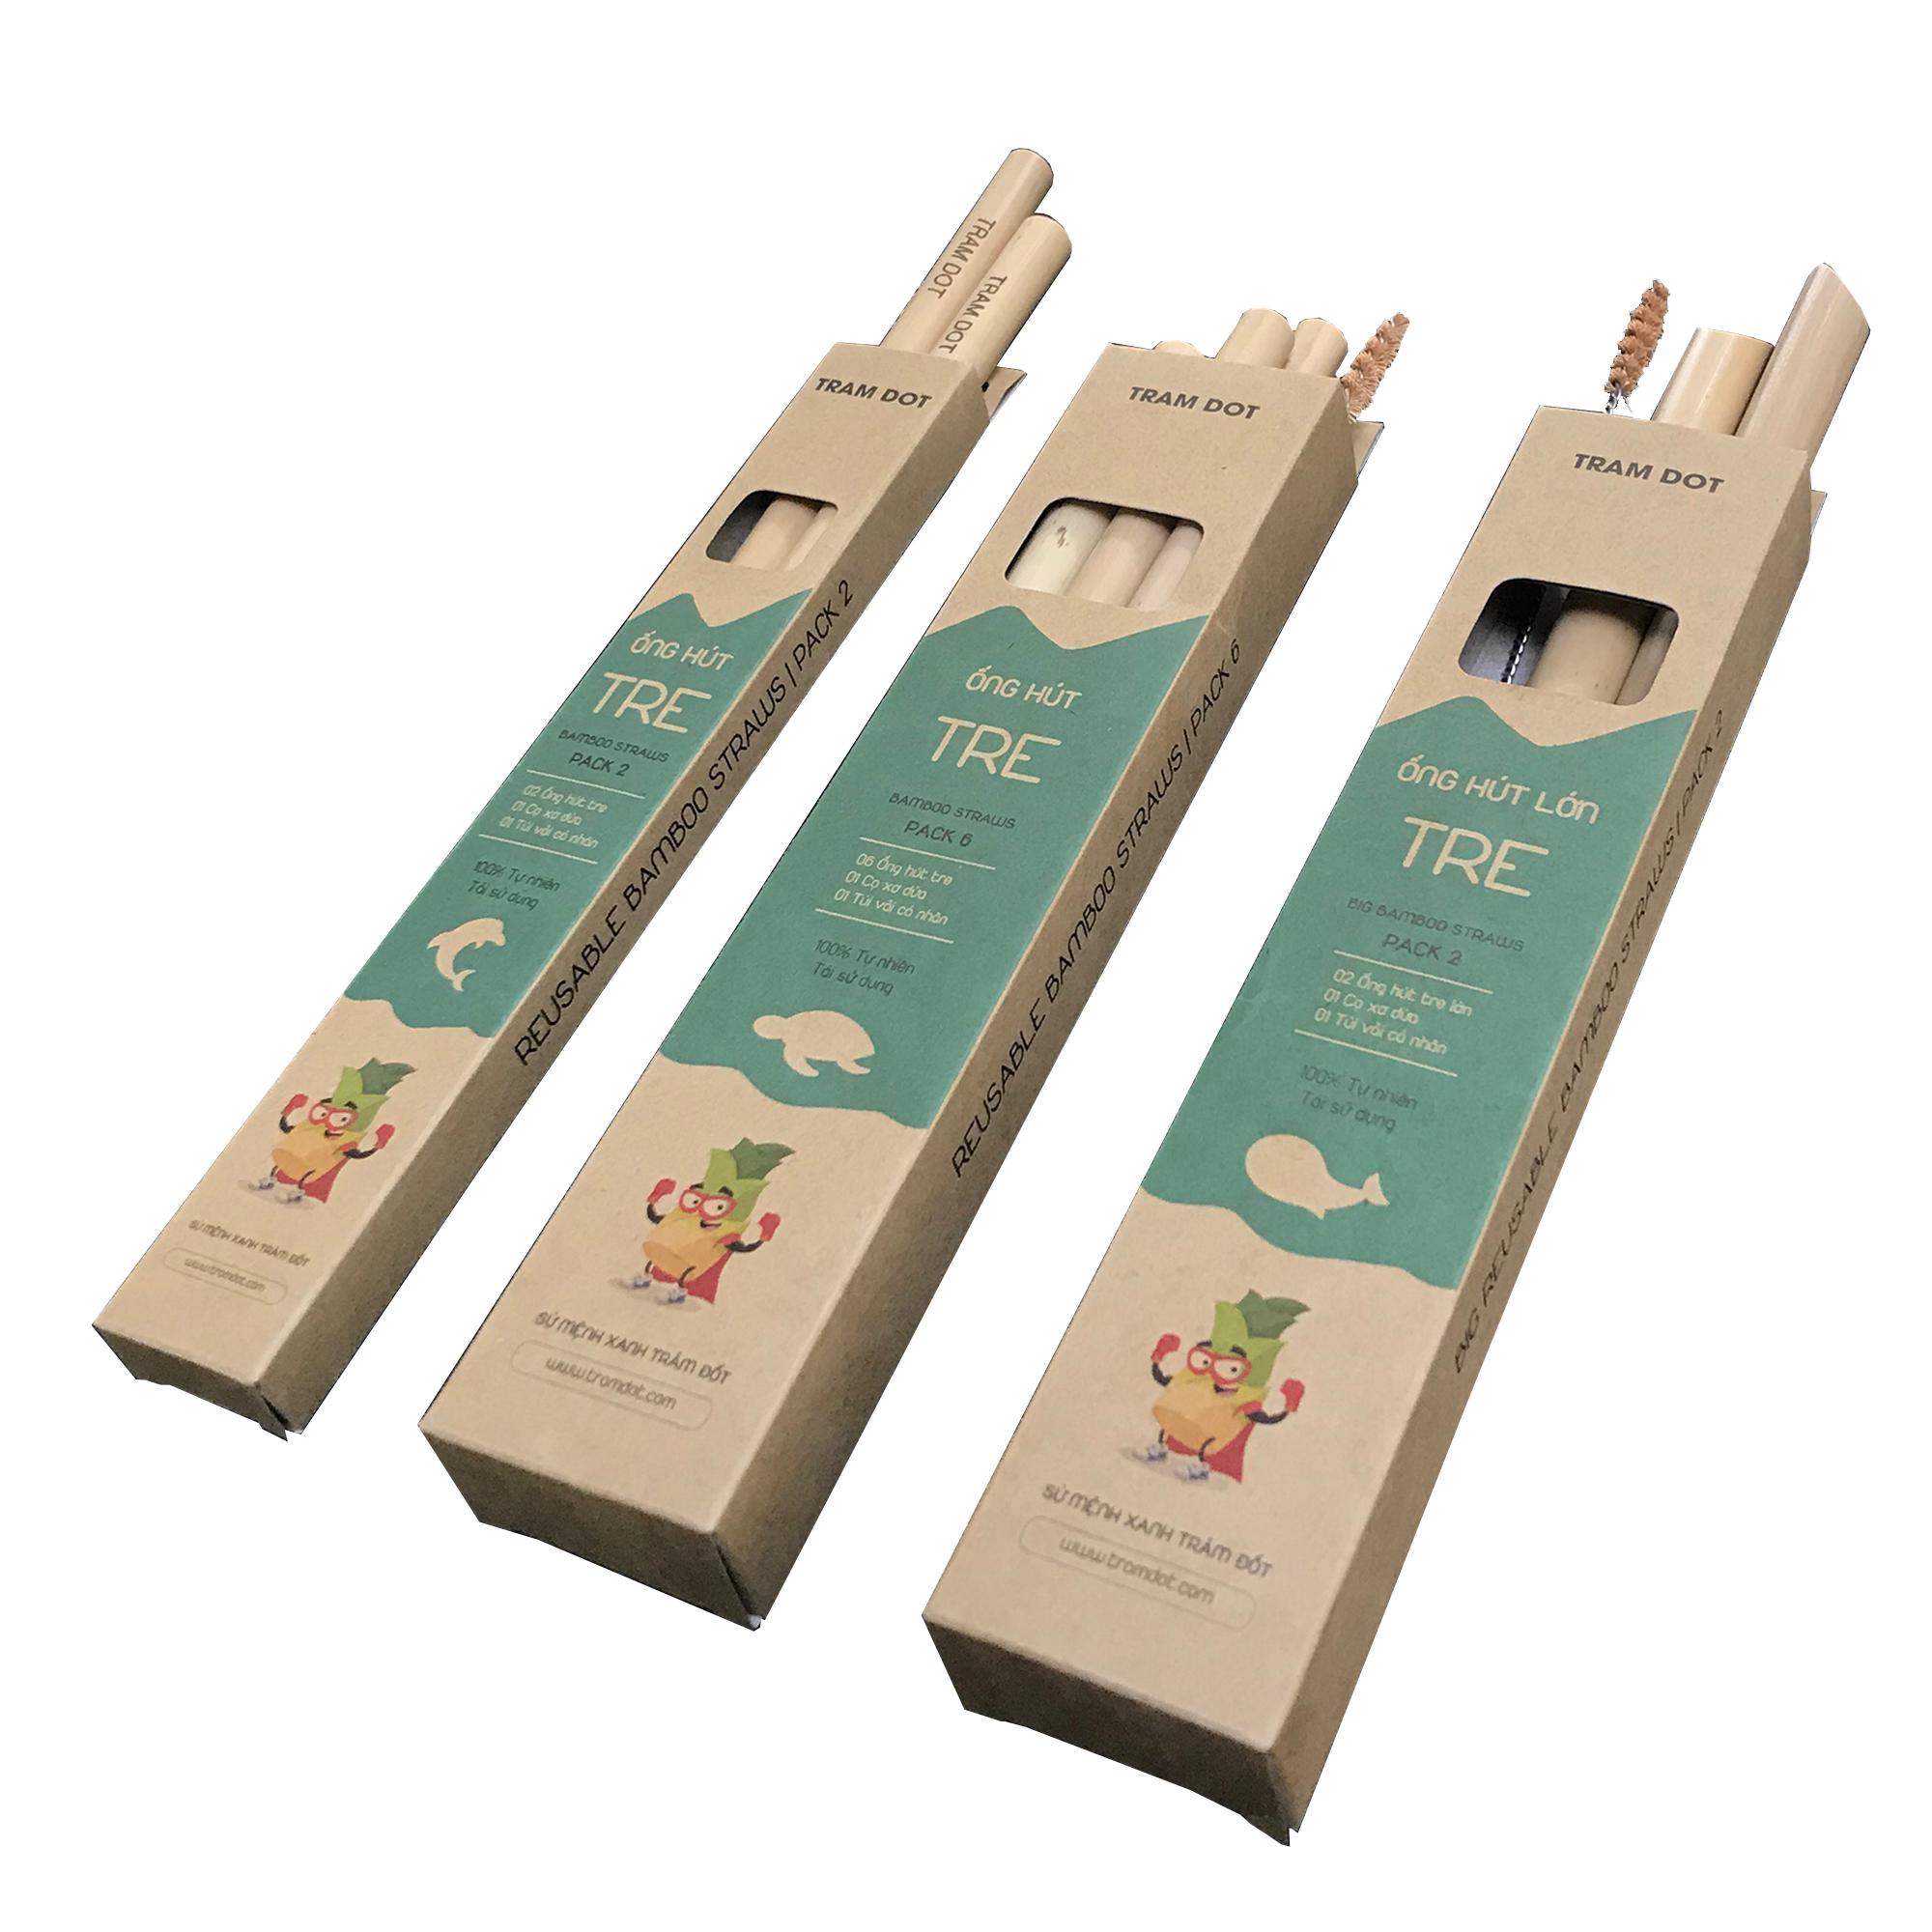 Pack 2 – Ống hút tre size lớn dài 20cm, 100% tự nhiên với cọ vệ sinh xơ dừa